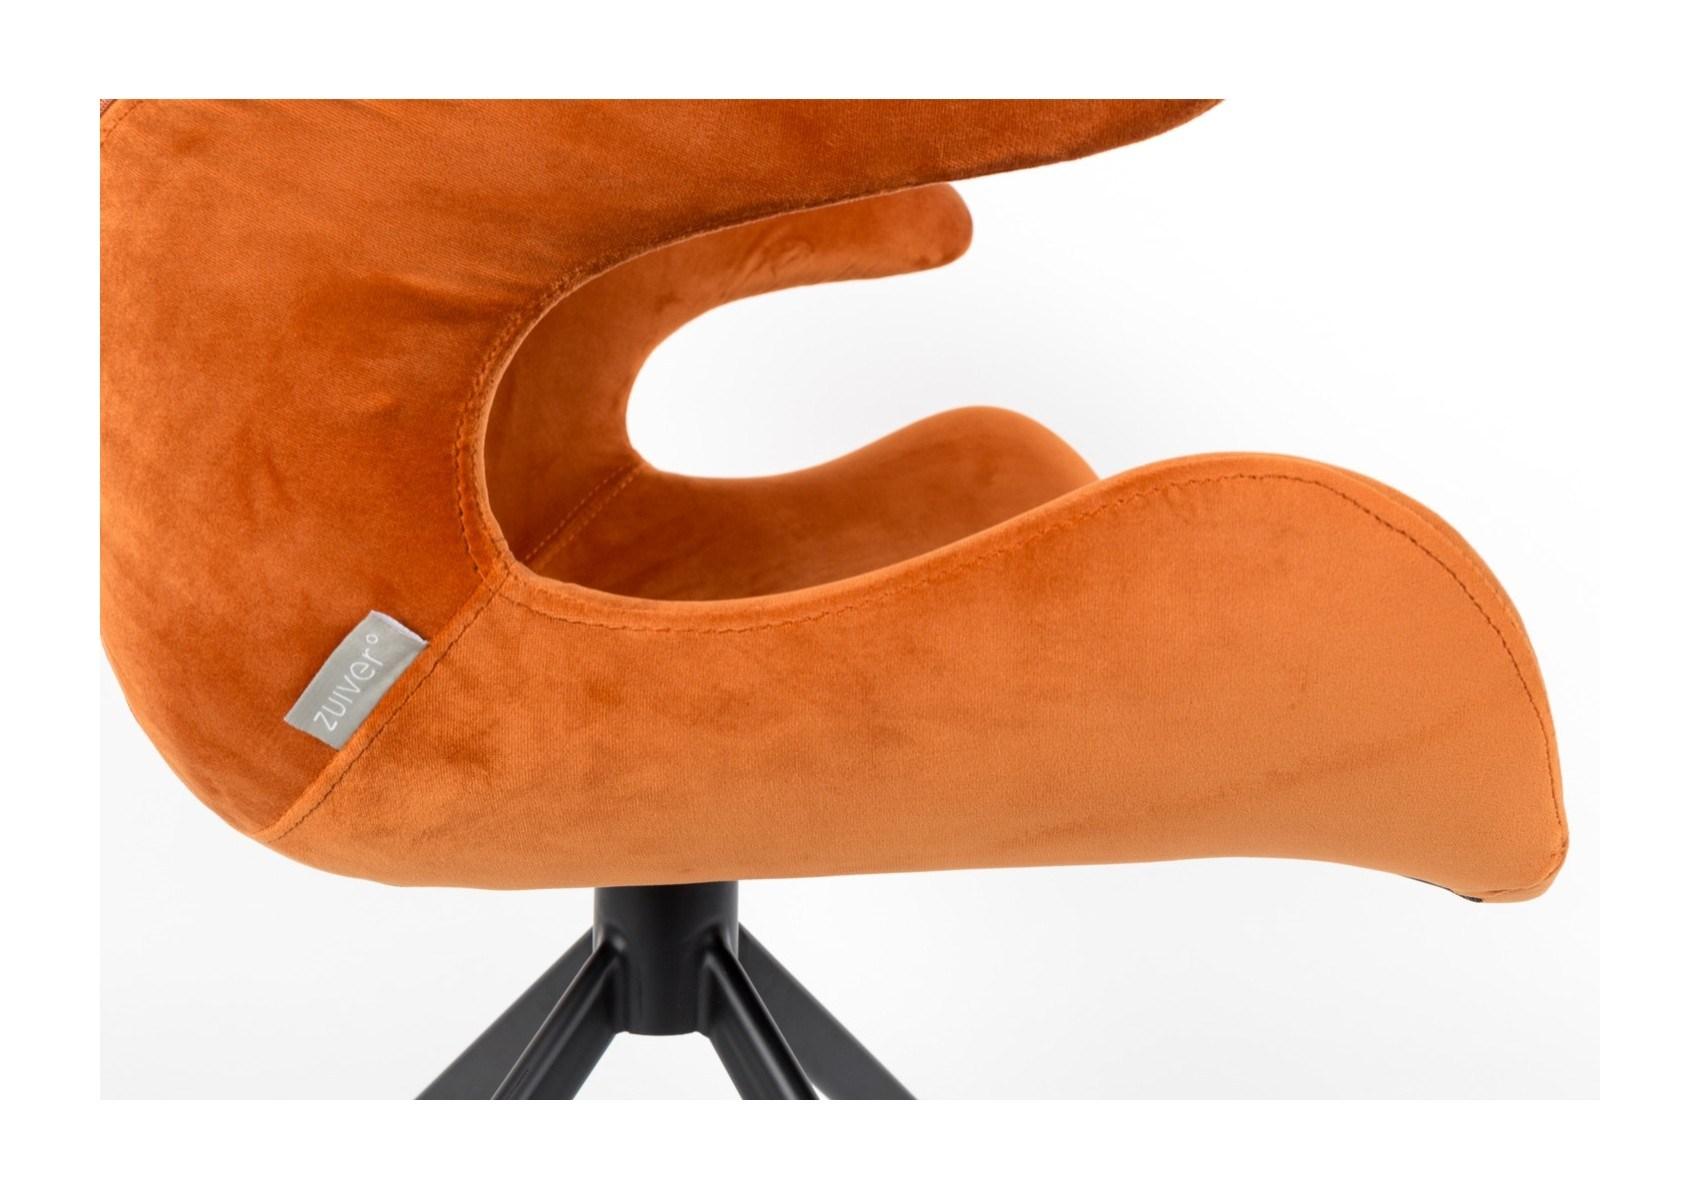 Fauteuil – Zuiver Bureau Design De Velours Mia Revêtement 6gIvmfb7Yy